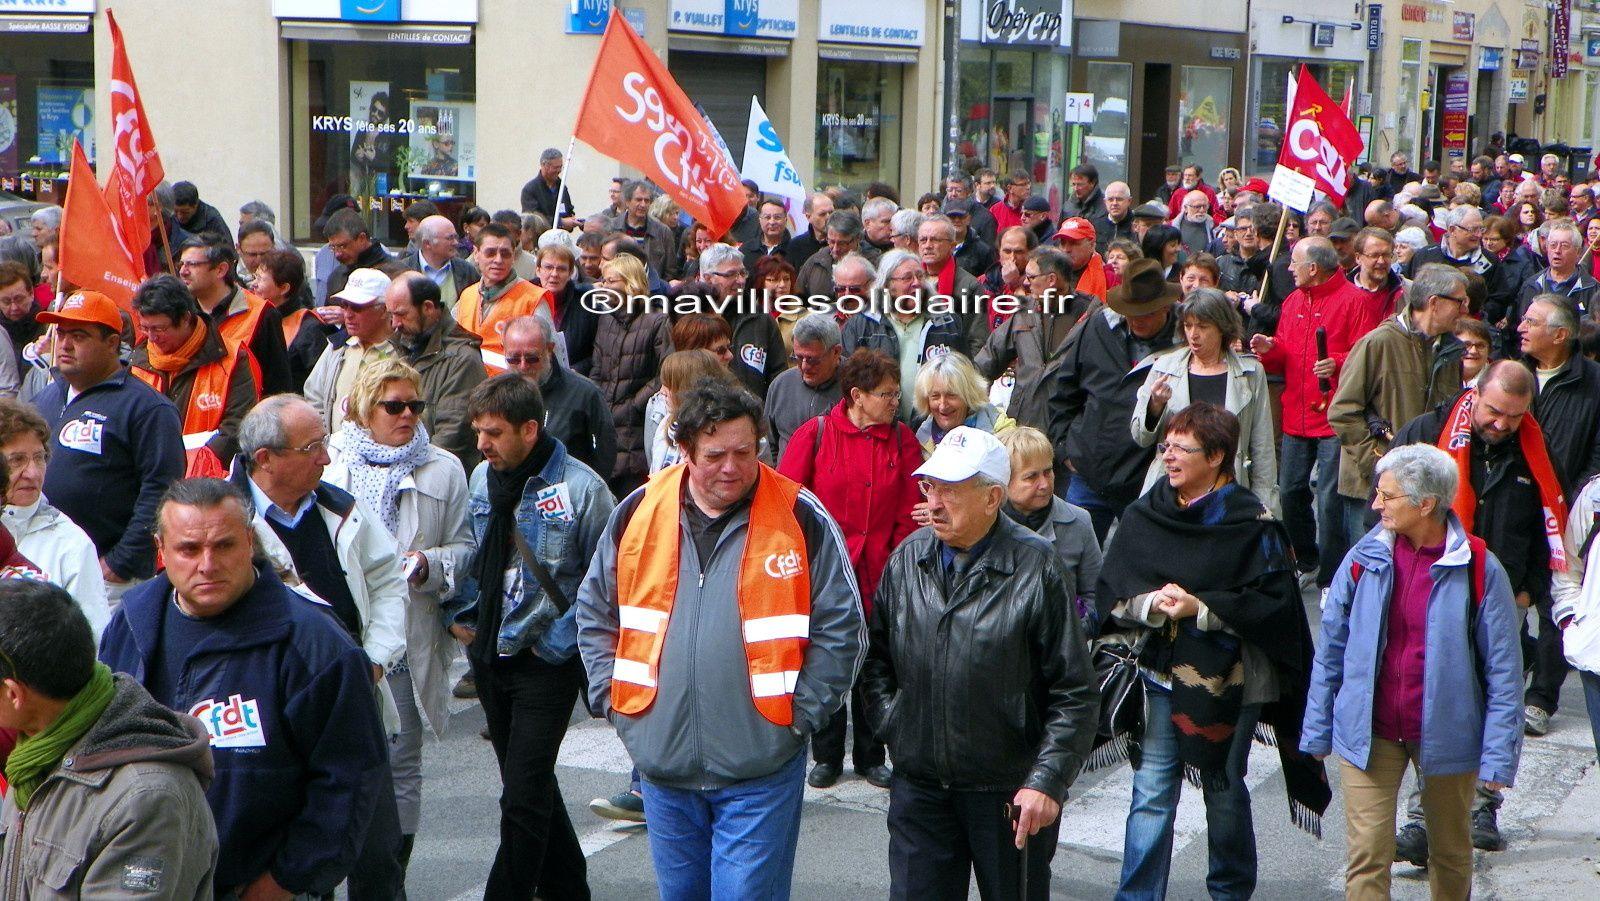 1er mai. Manifs contre l'austérité à la Roche-sur-Yon, Fontenay le Comte et aux Sables d'Olonnes.